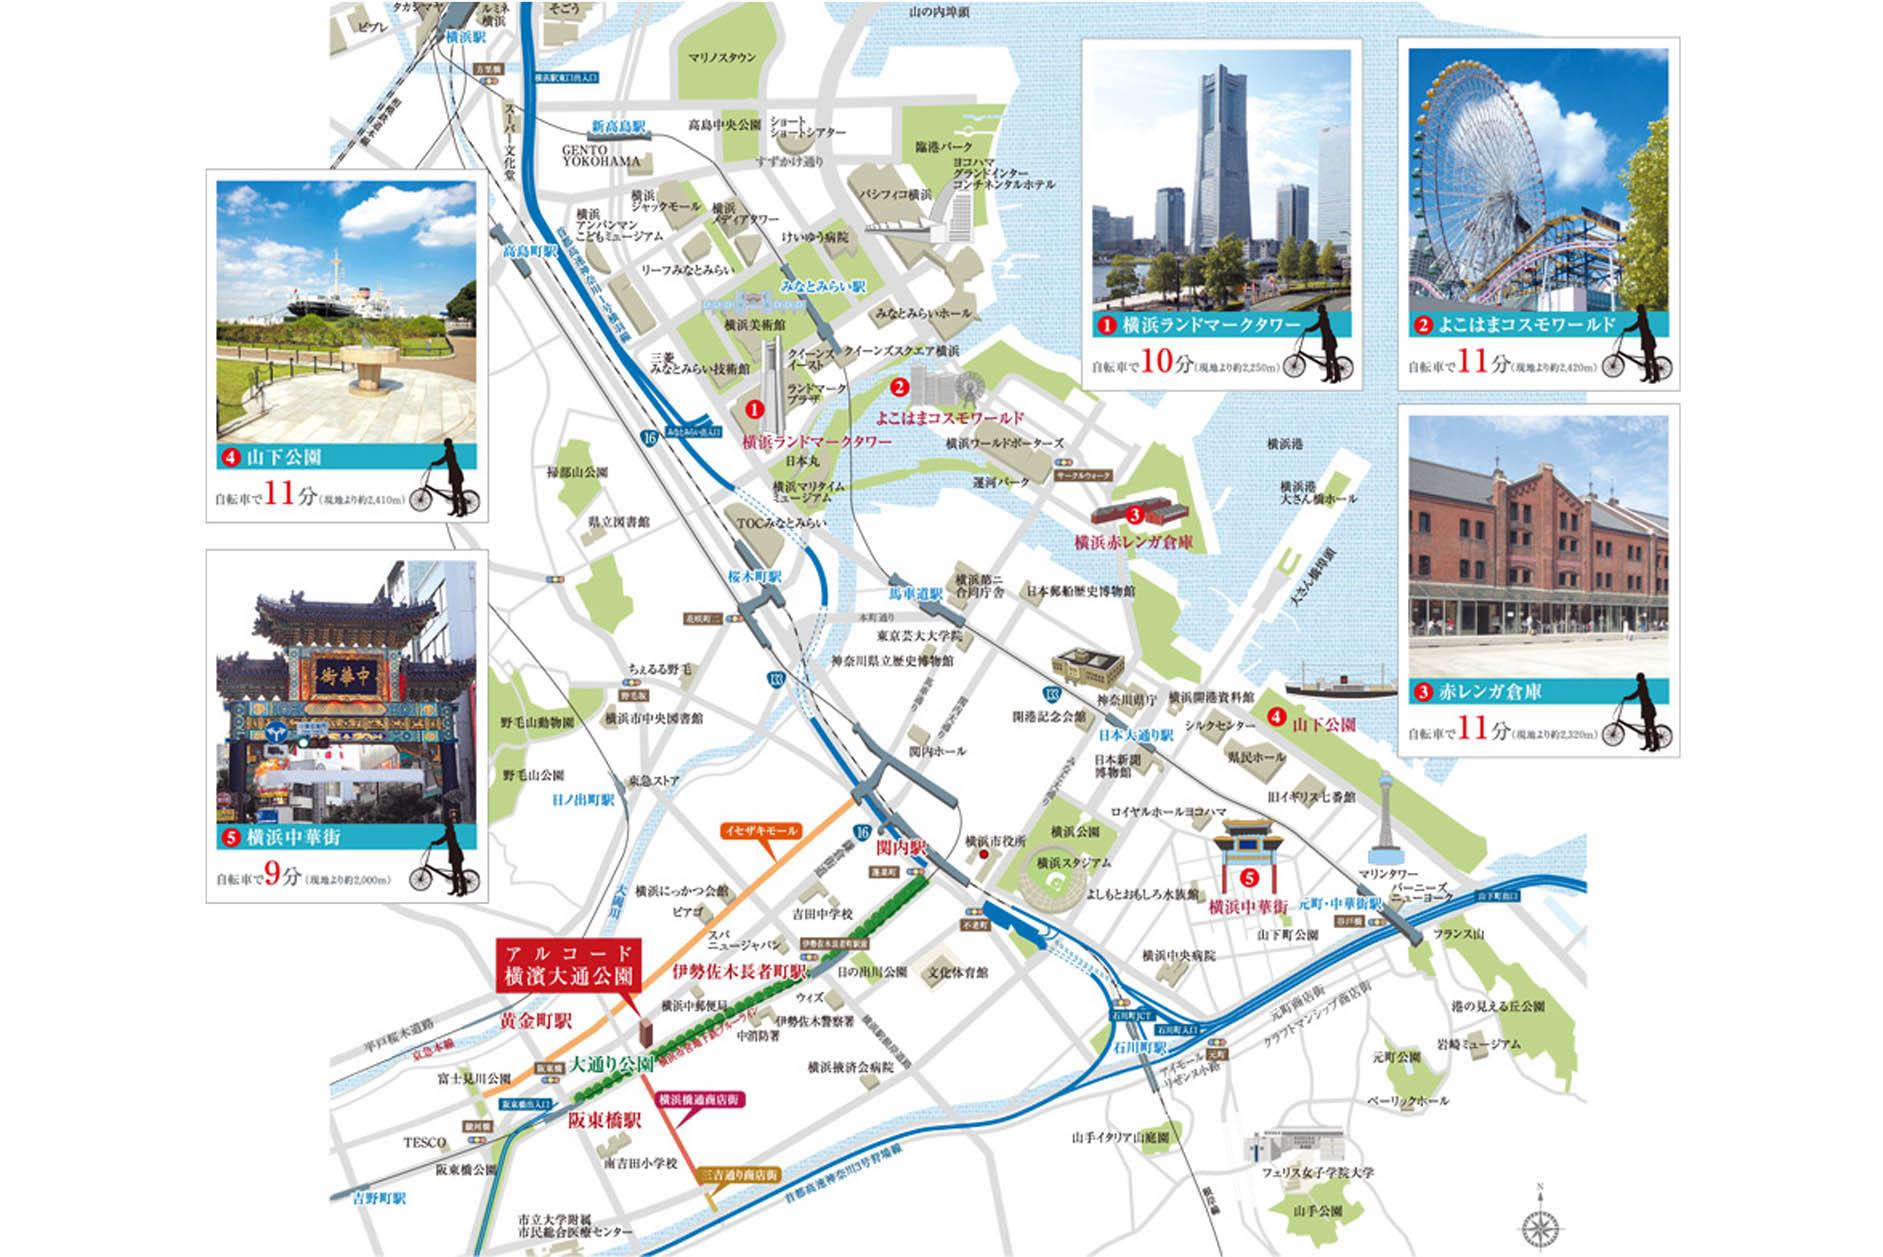 成熟した都市機能と高度な機動性を誇る横浜を生活圏とする立地。 イメージ